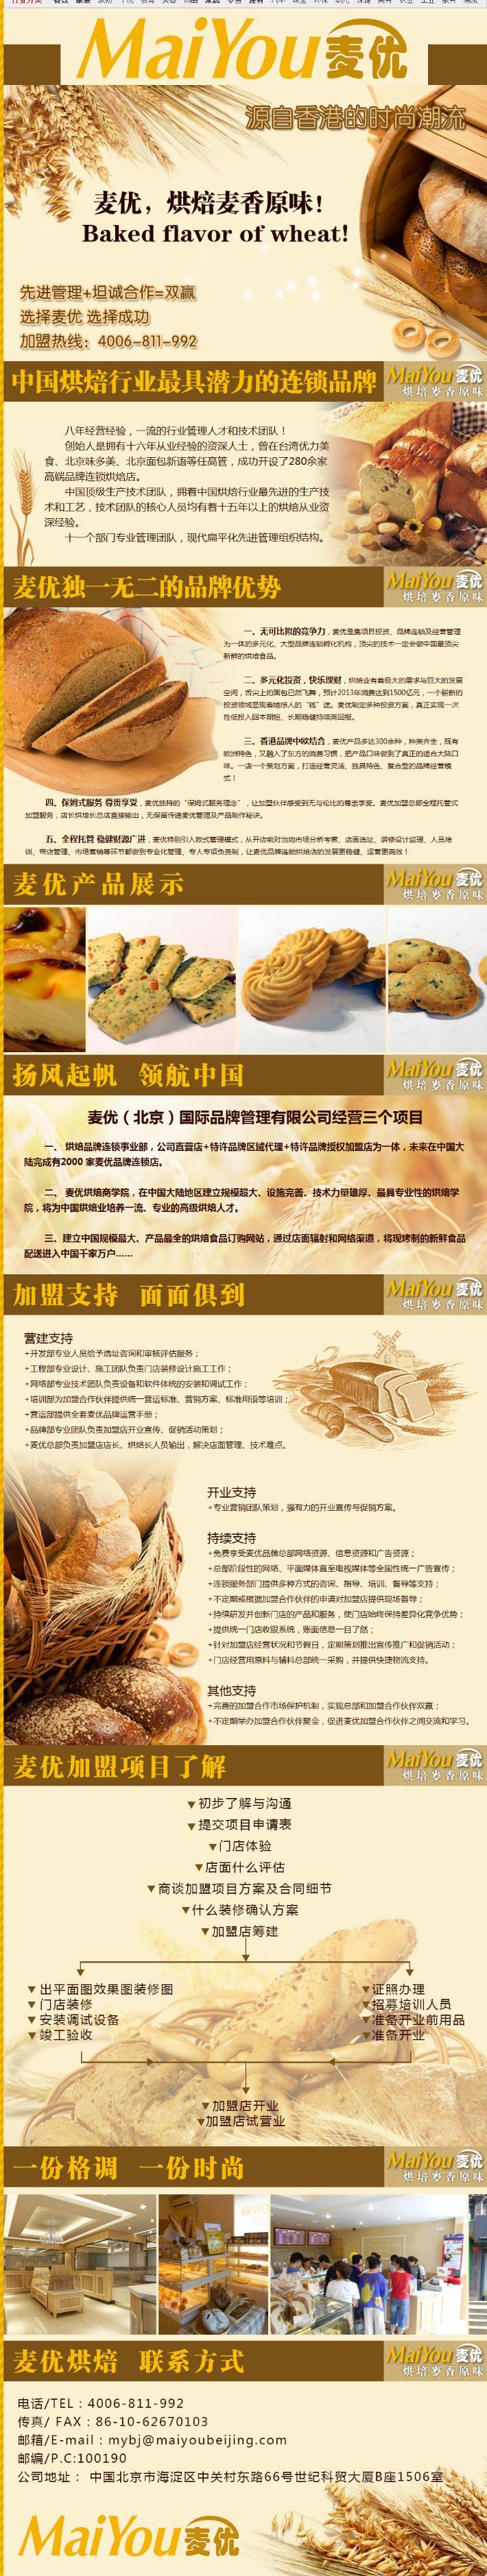 麦优蛋糕房加盟连锁全国招商_1